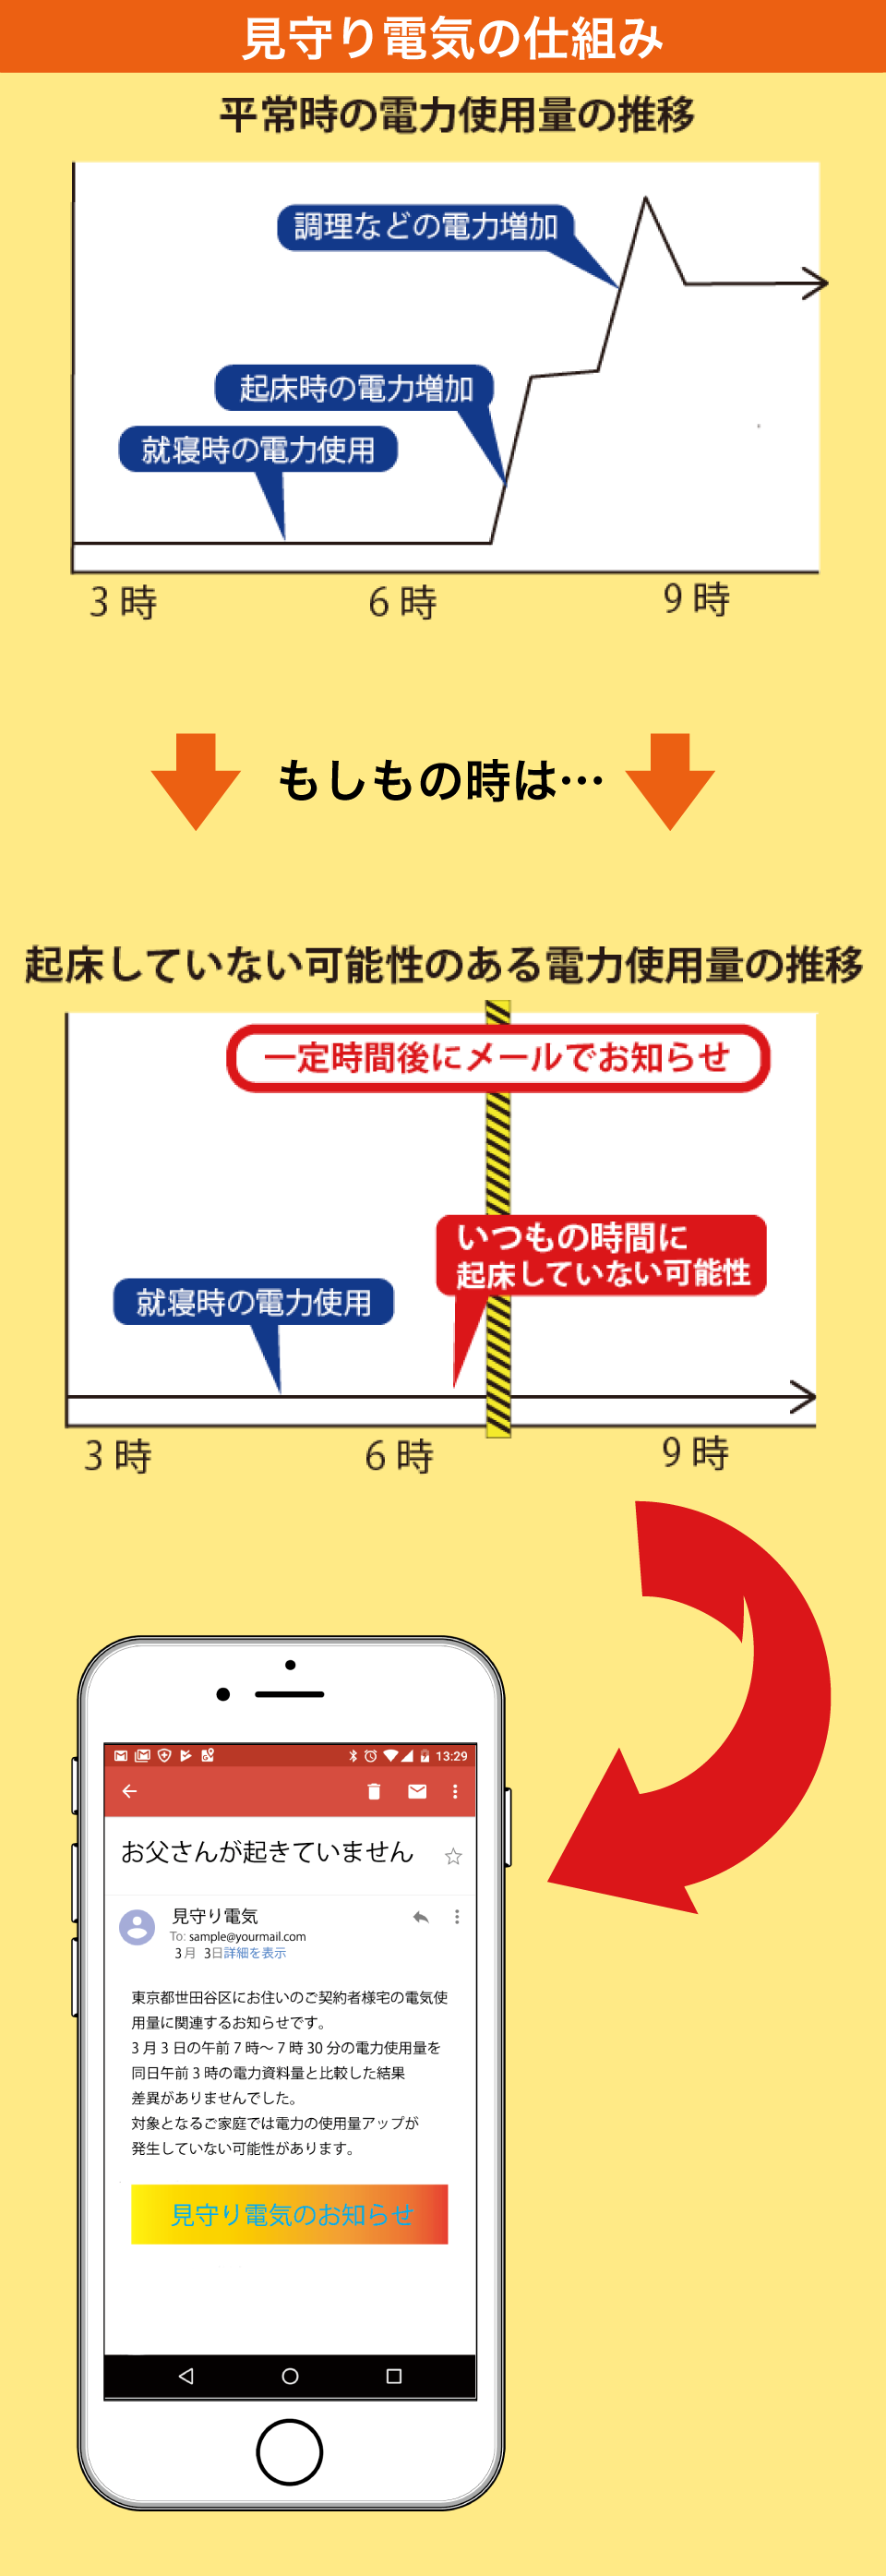 見守り電気の仕組みグラフ